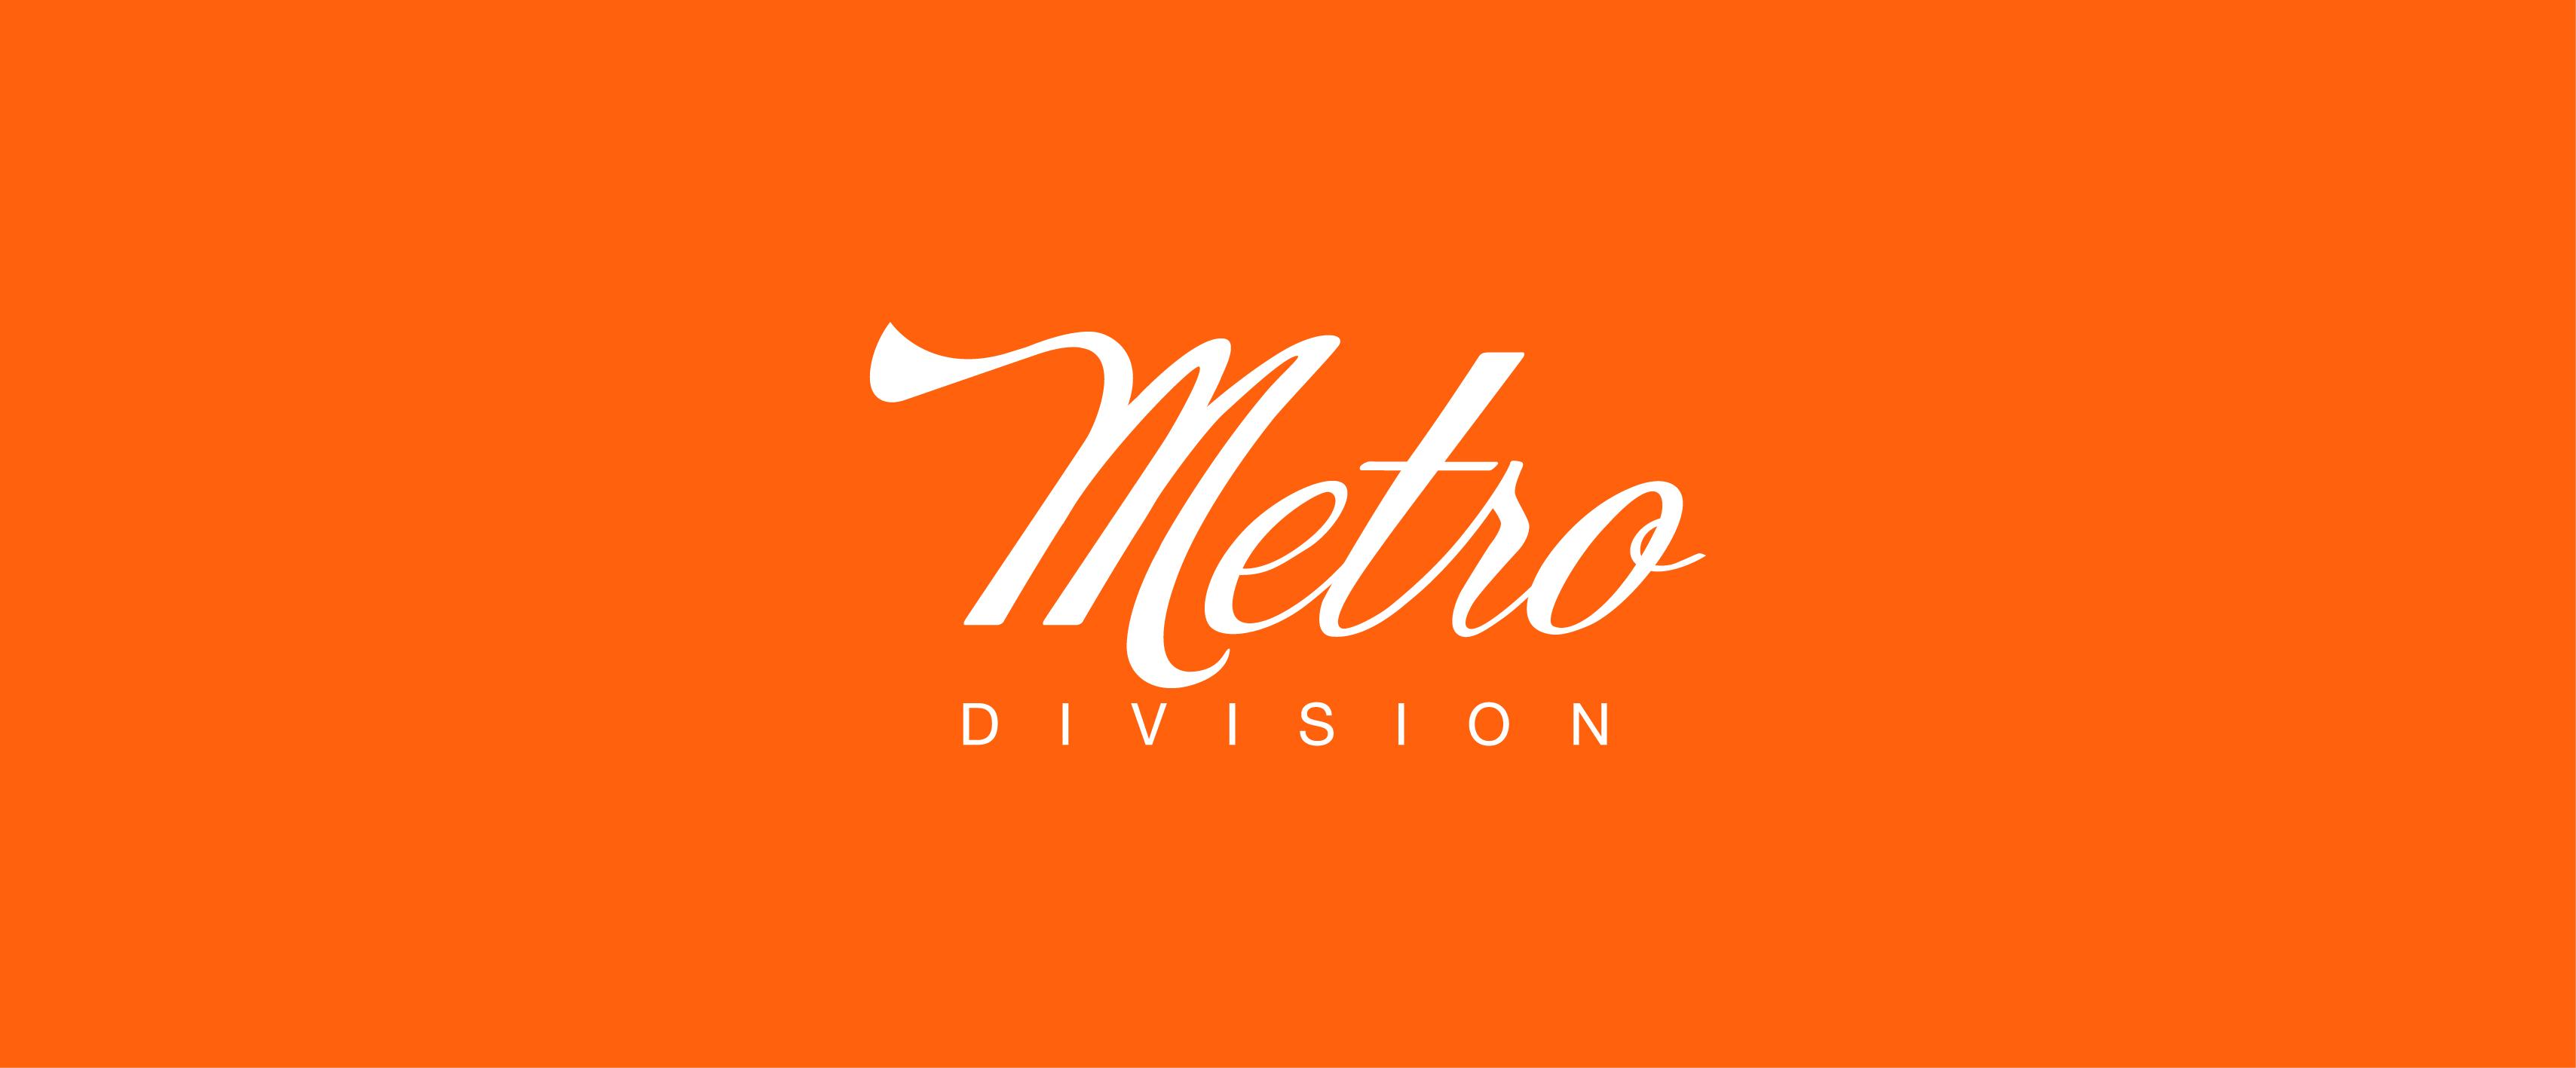 Metro Division